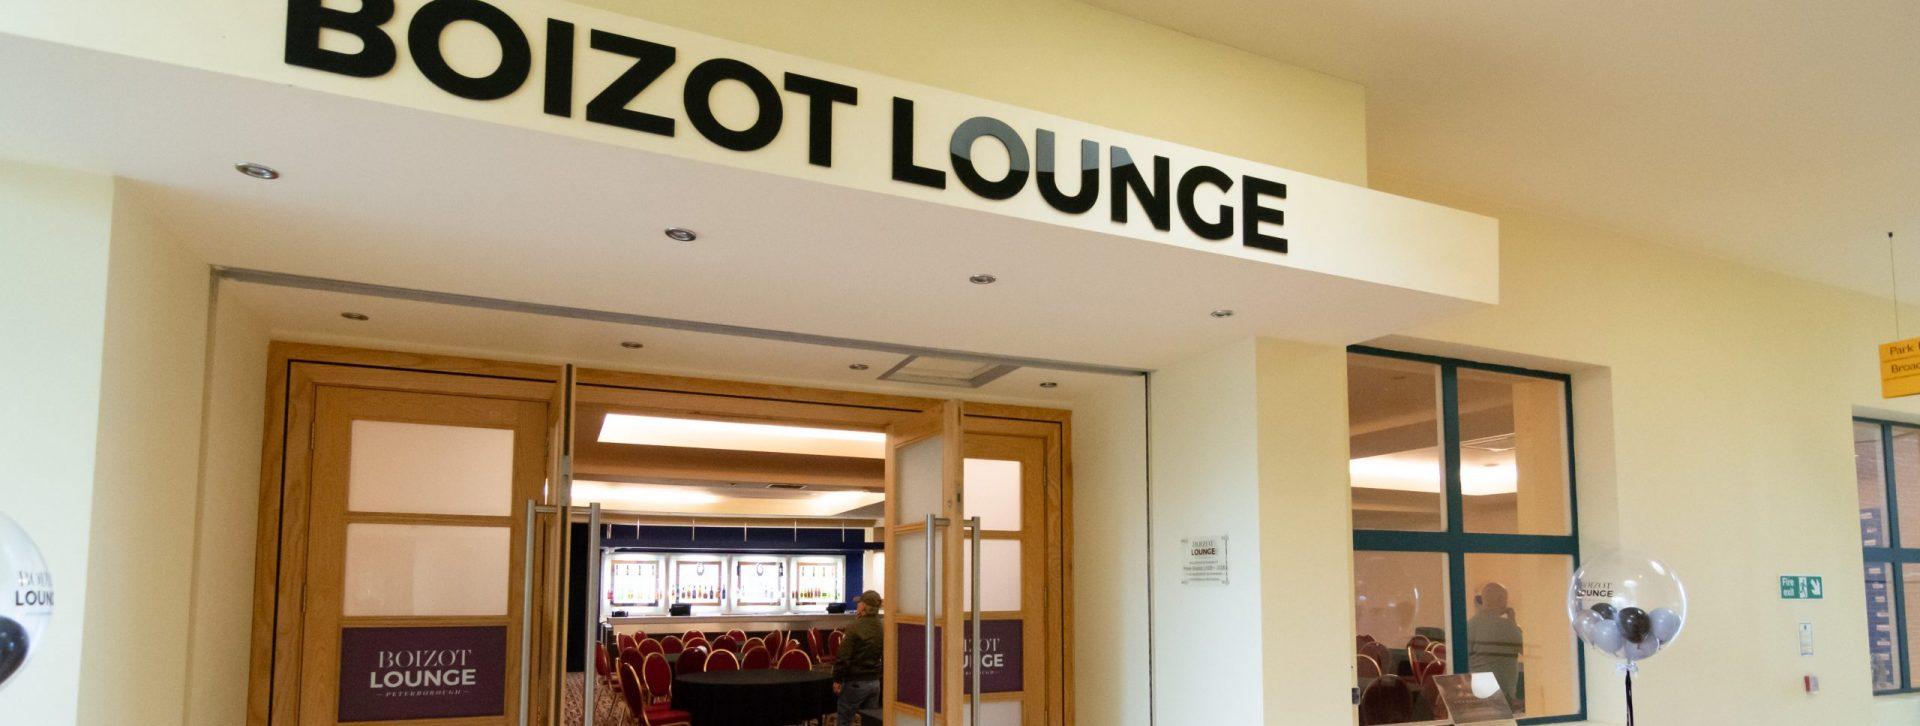 Boizot Lounge